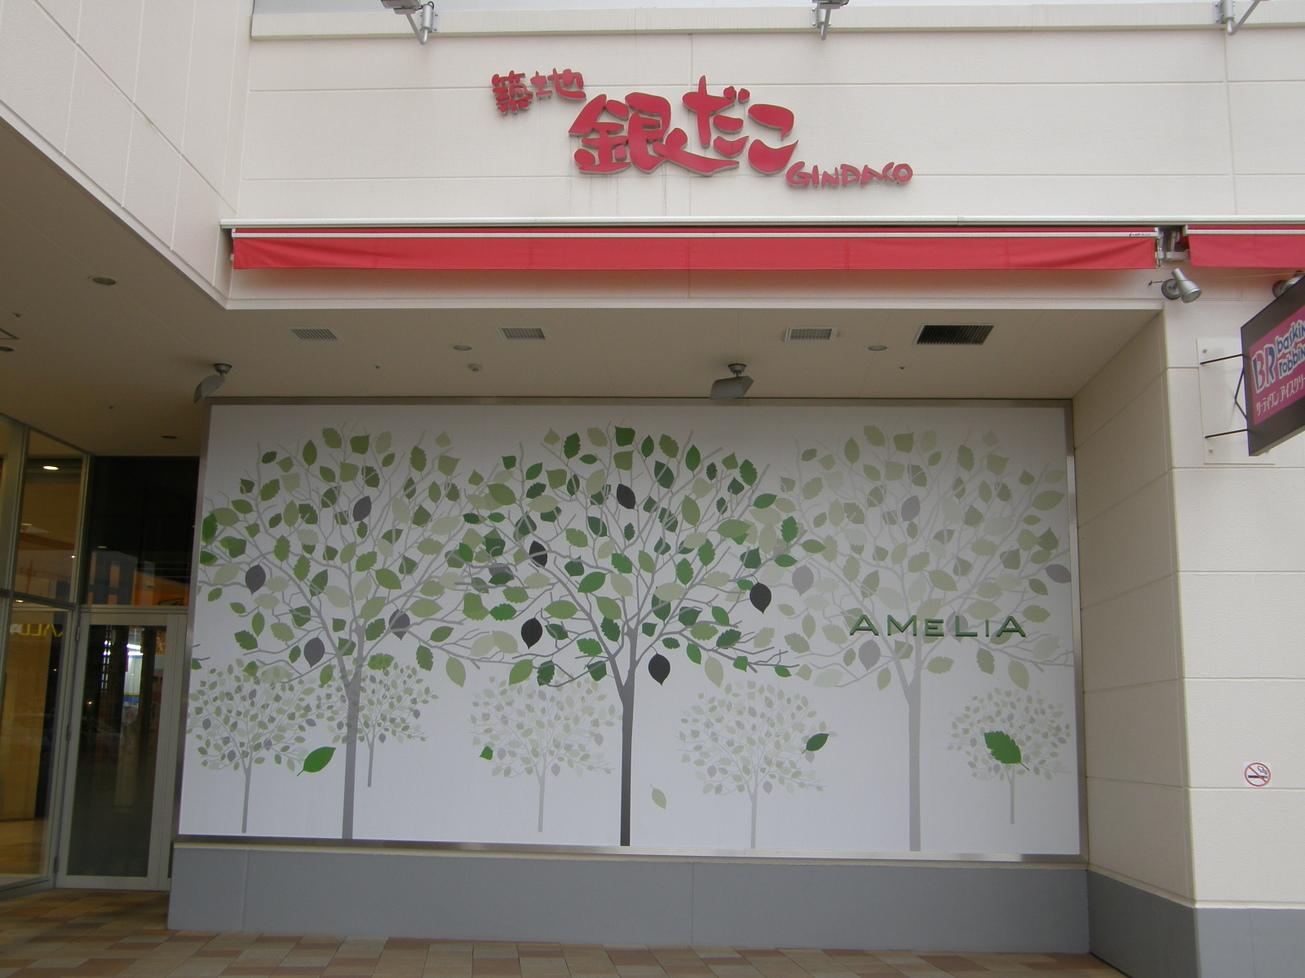 築地銀だこ アメリア町田根岸店